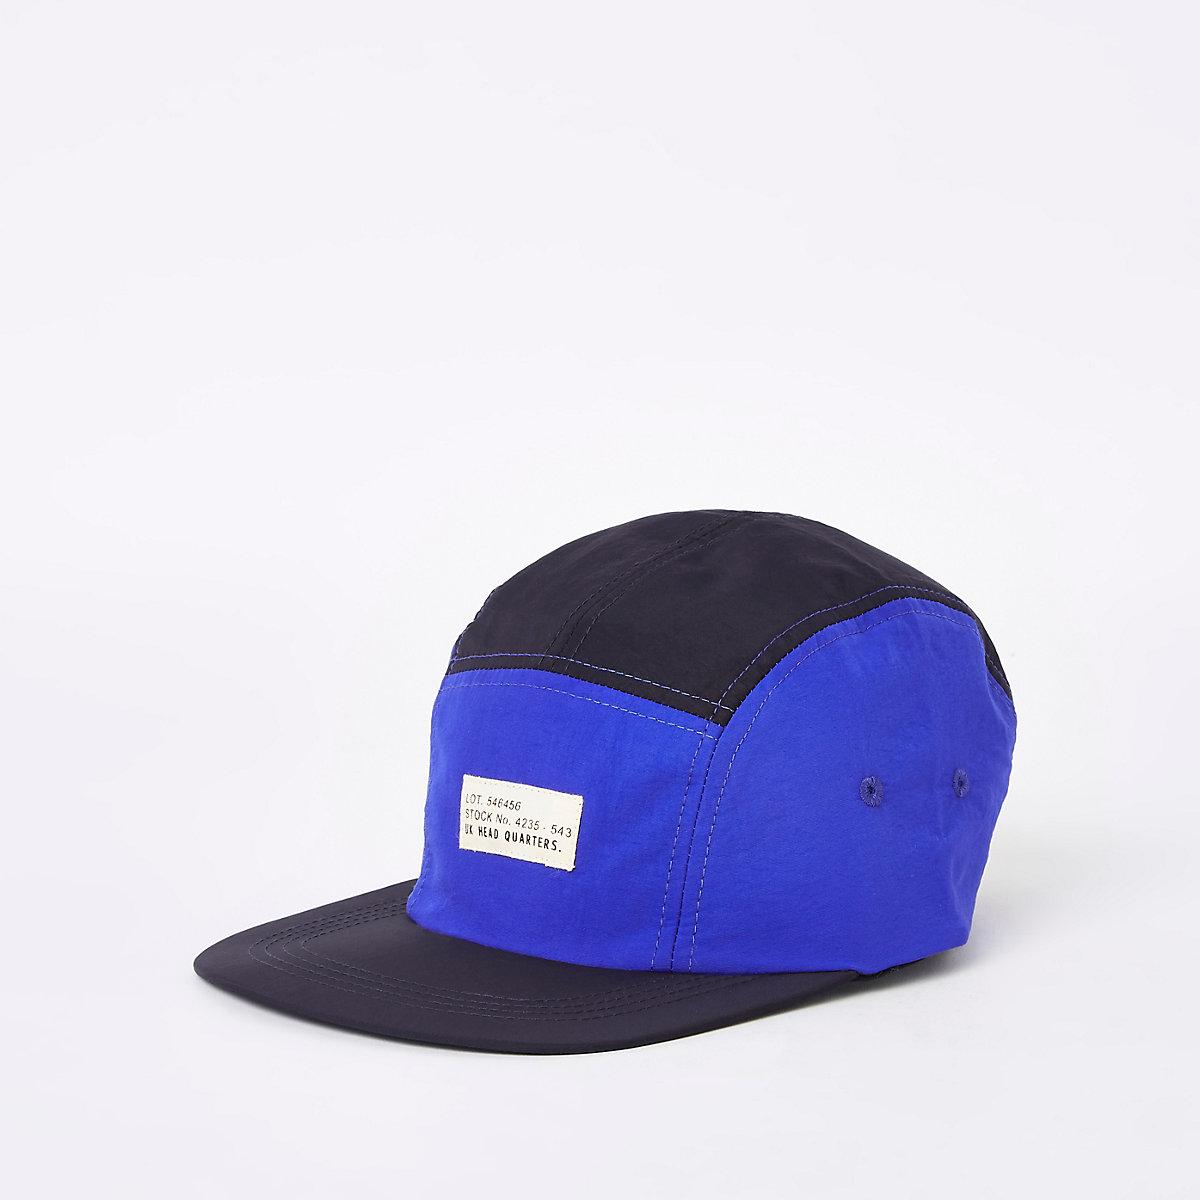 Blue color block stitched snapback cap